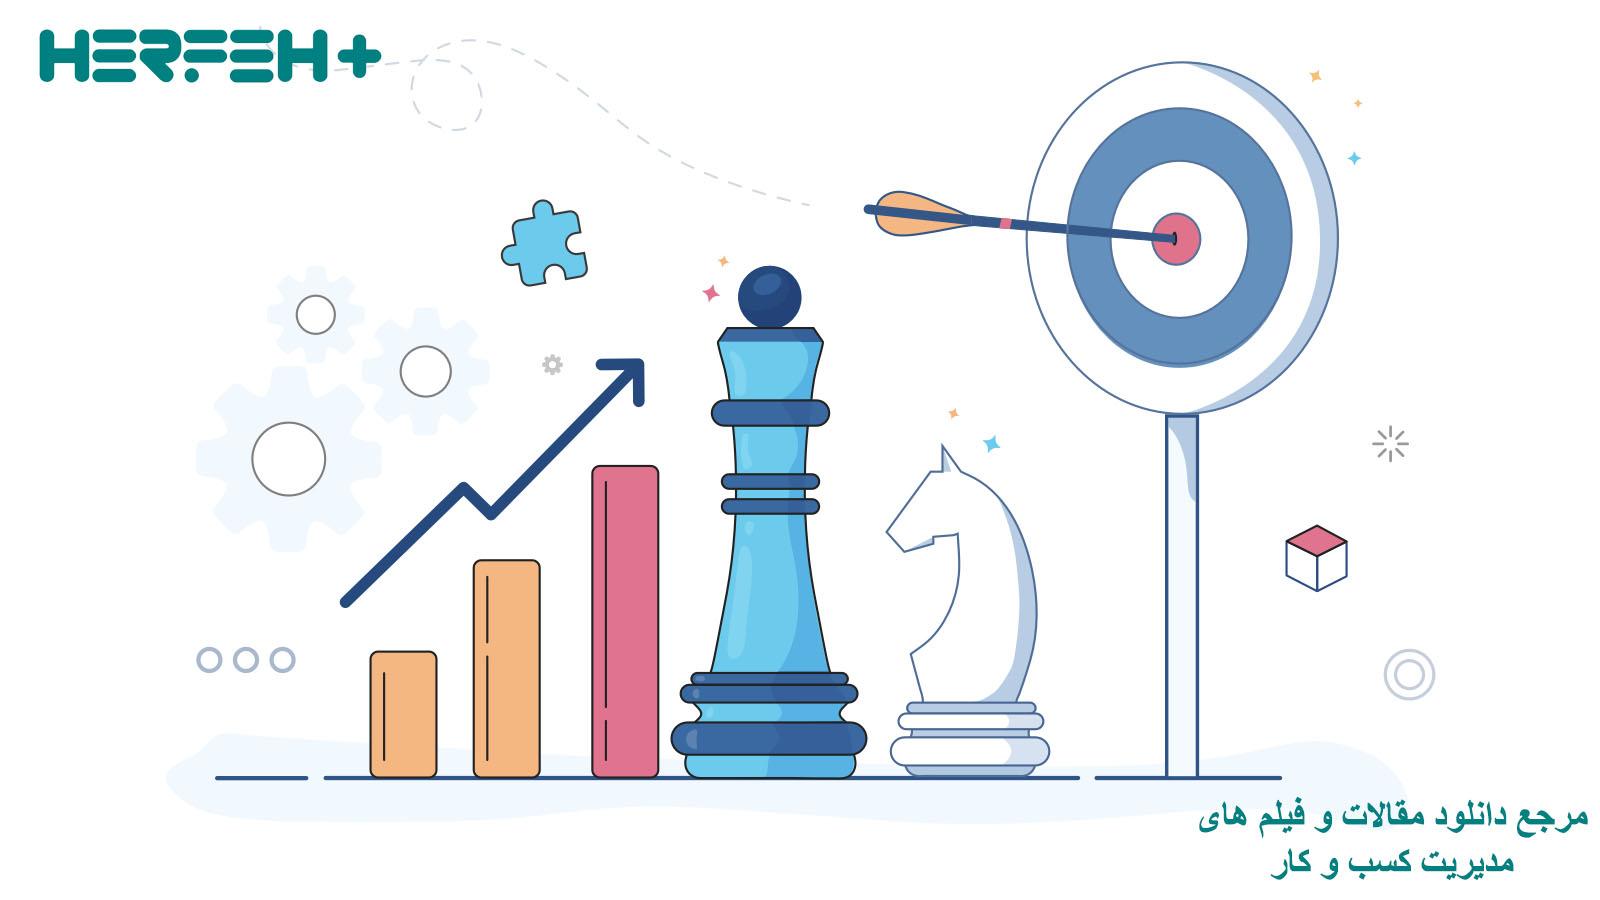 تصویر استراتژی رقابتی